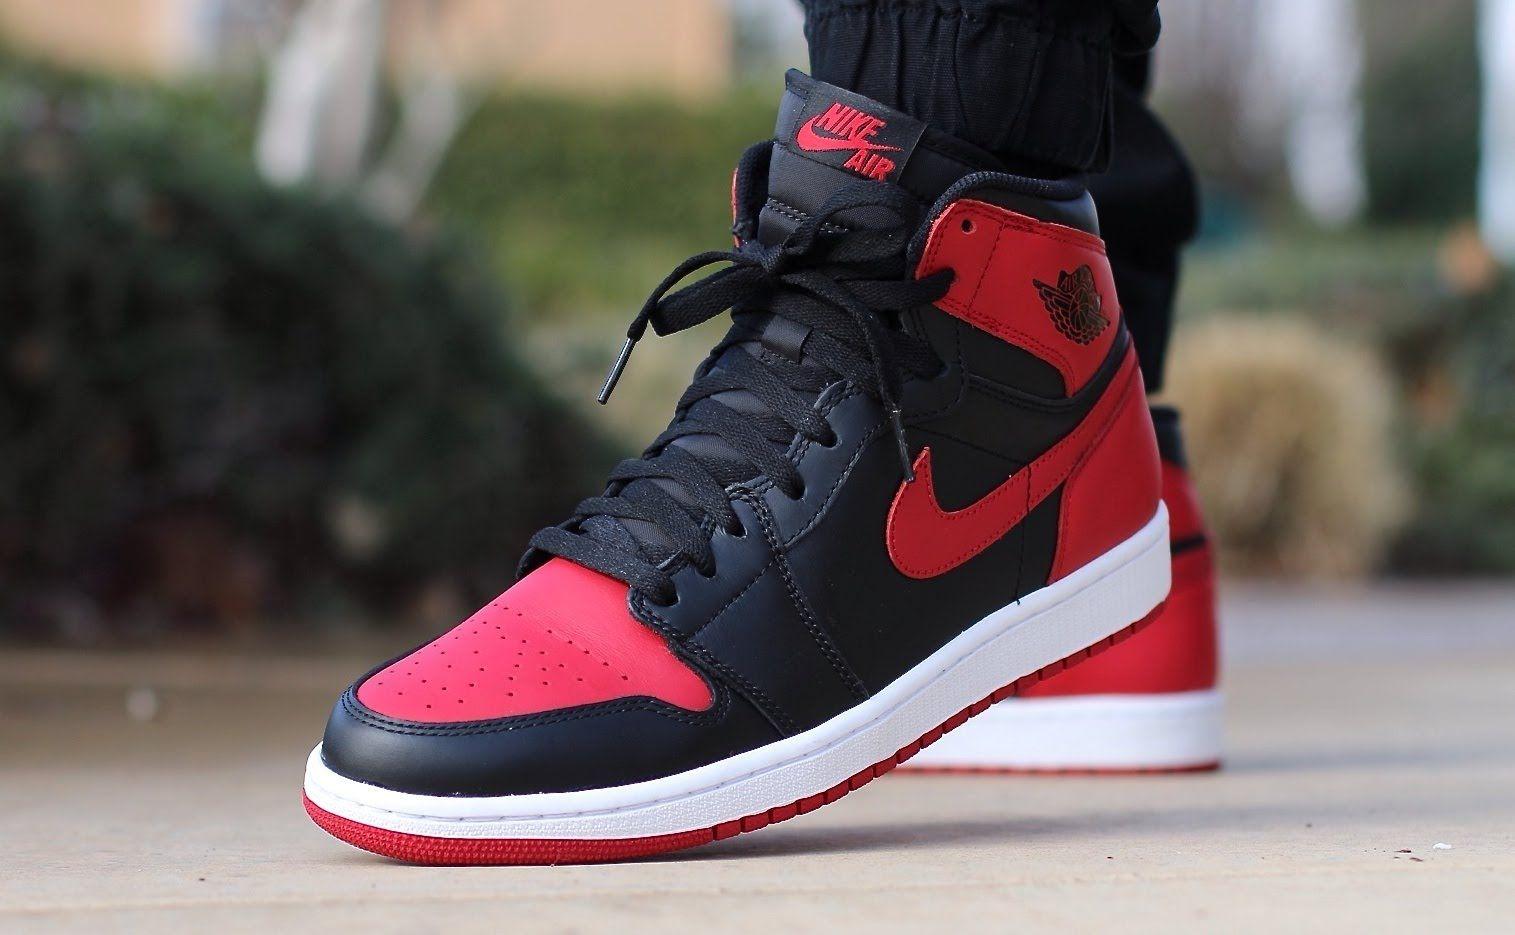 Jordan 1, Bred | Air jordans, Sneakers